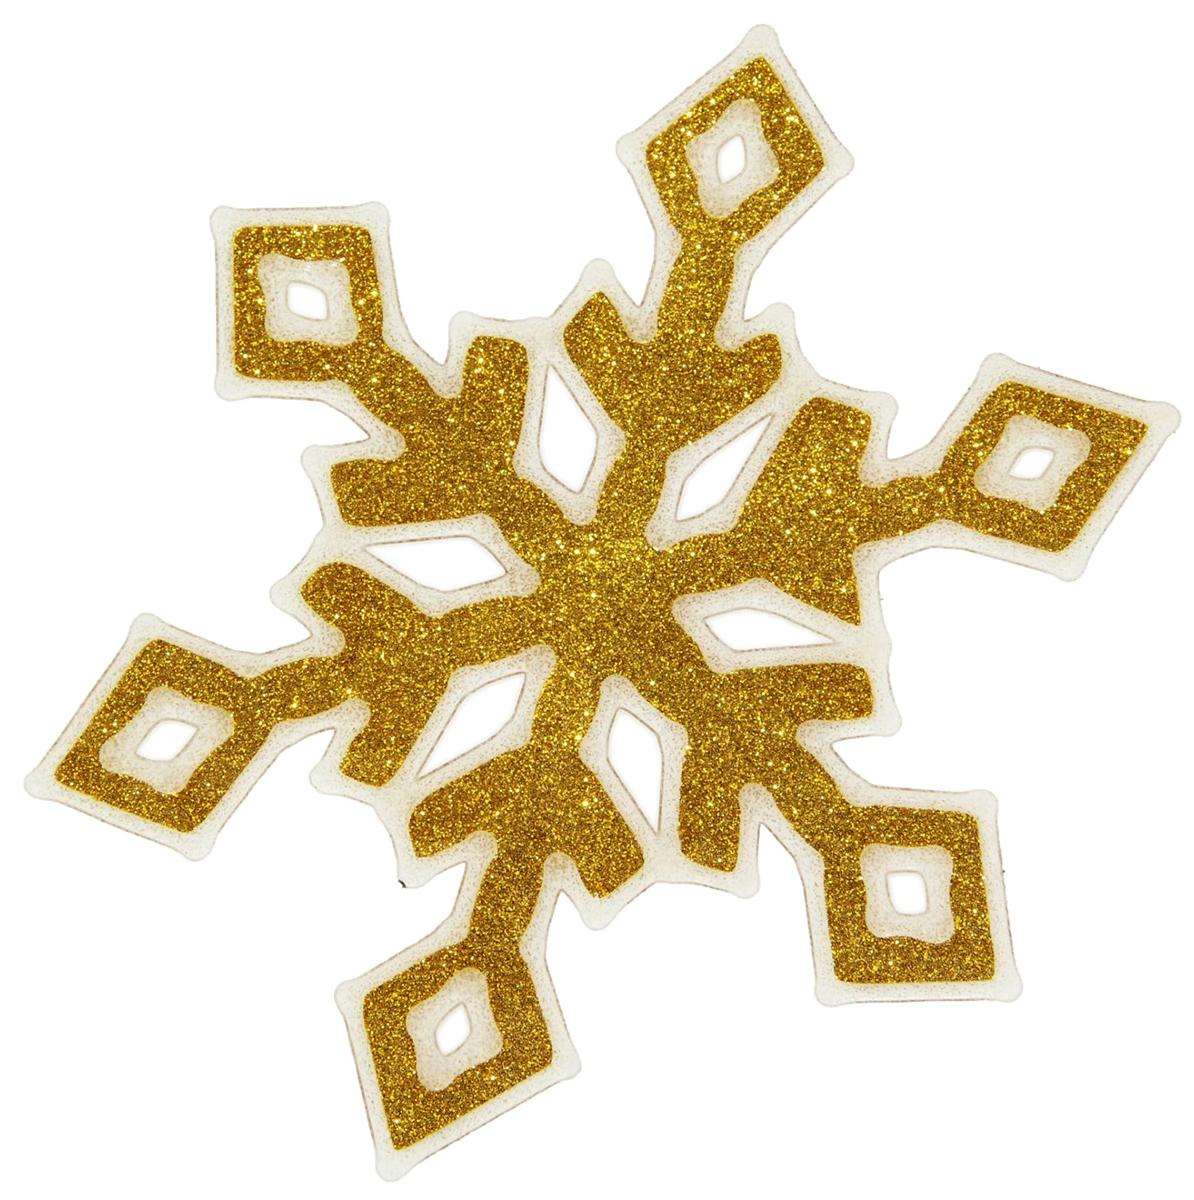 Наклейка на стекло Золотая снежинка с ромбиками1399714Зимой не только мороз украшает стекла узорами. Сделайте интерьер еще торжественней: преобразите его с помощью специальных наклеек! Декор из силикона не содержит клей и не оставляет следов. Пластичная фигурка сама прилипает к гладкой поверхности, а в конце зимних праздников ее легко снять и отложить до следующего года. Прикрепите на стекло или зеркало одно украшение или создайте целую композицию. Новогодние наклейки приблизят праздничное настроение!